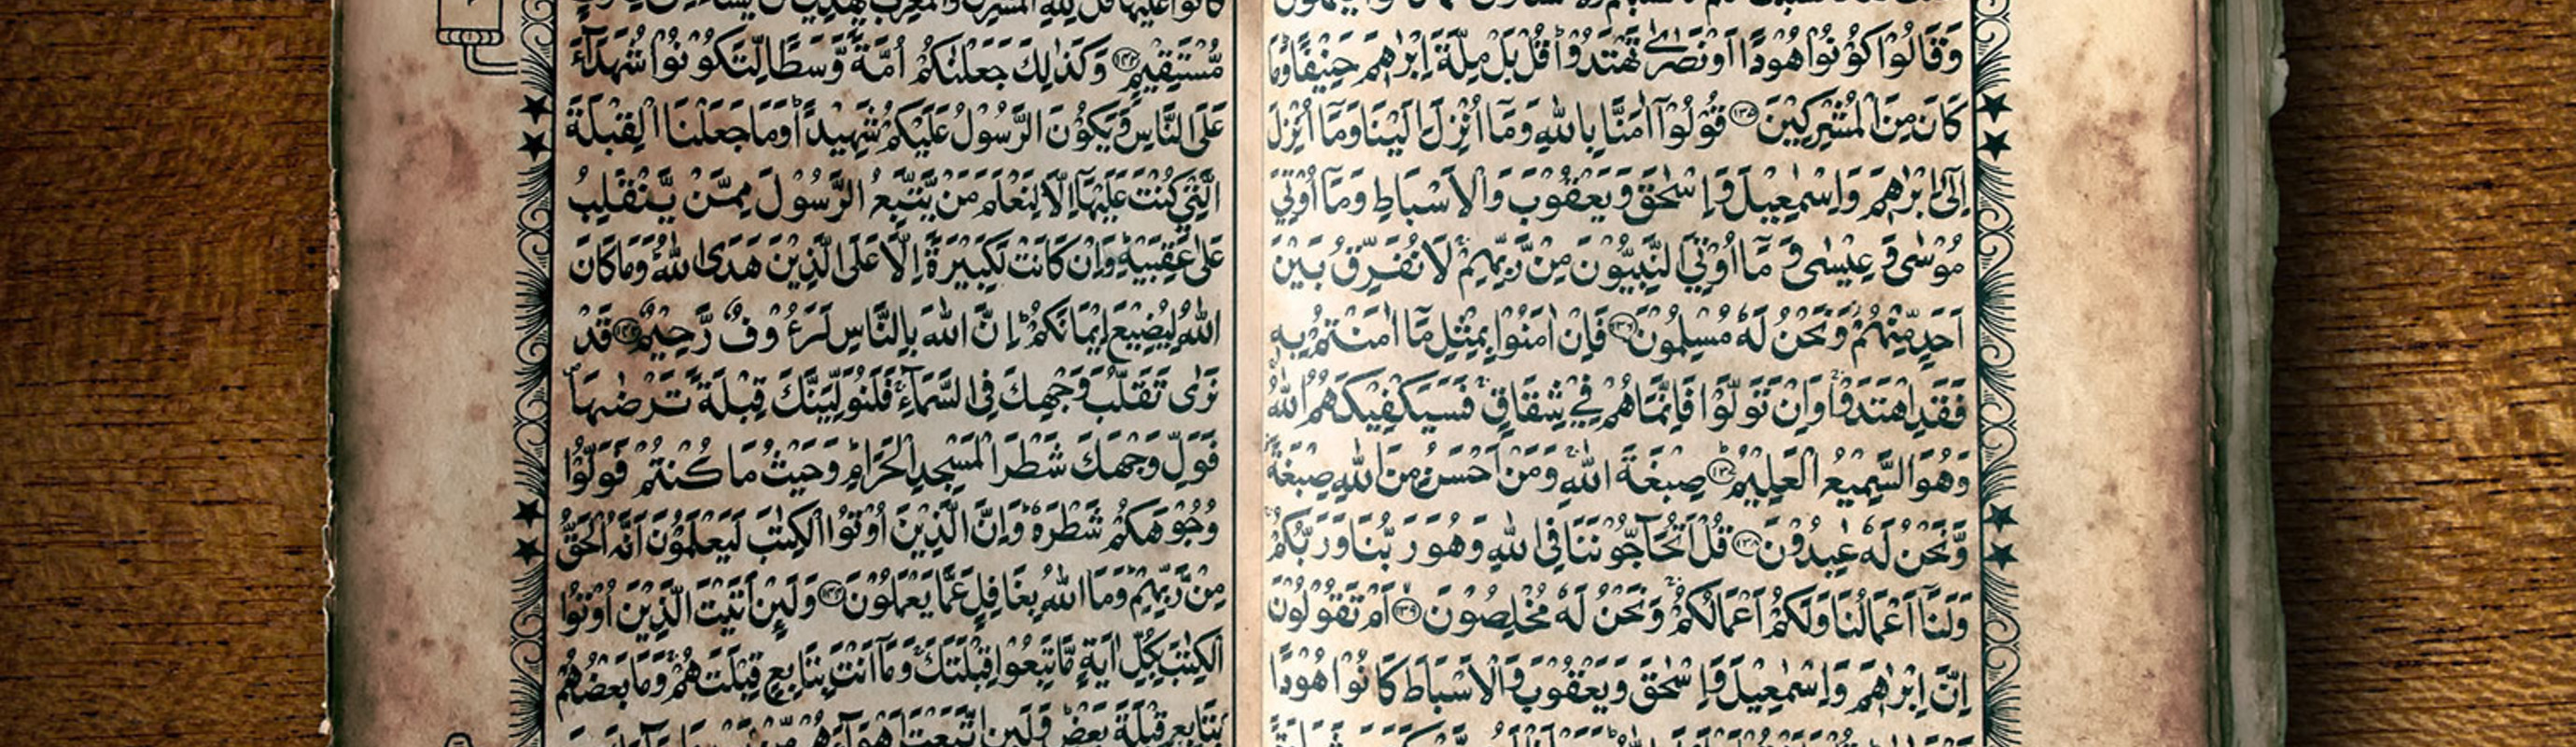 Holy Quran - tafsir series, episode 4.